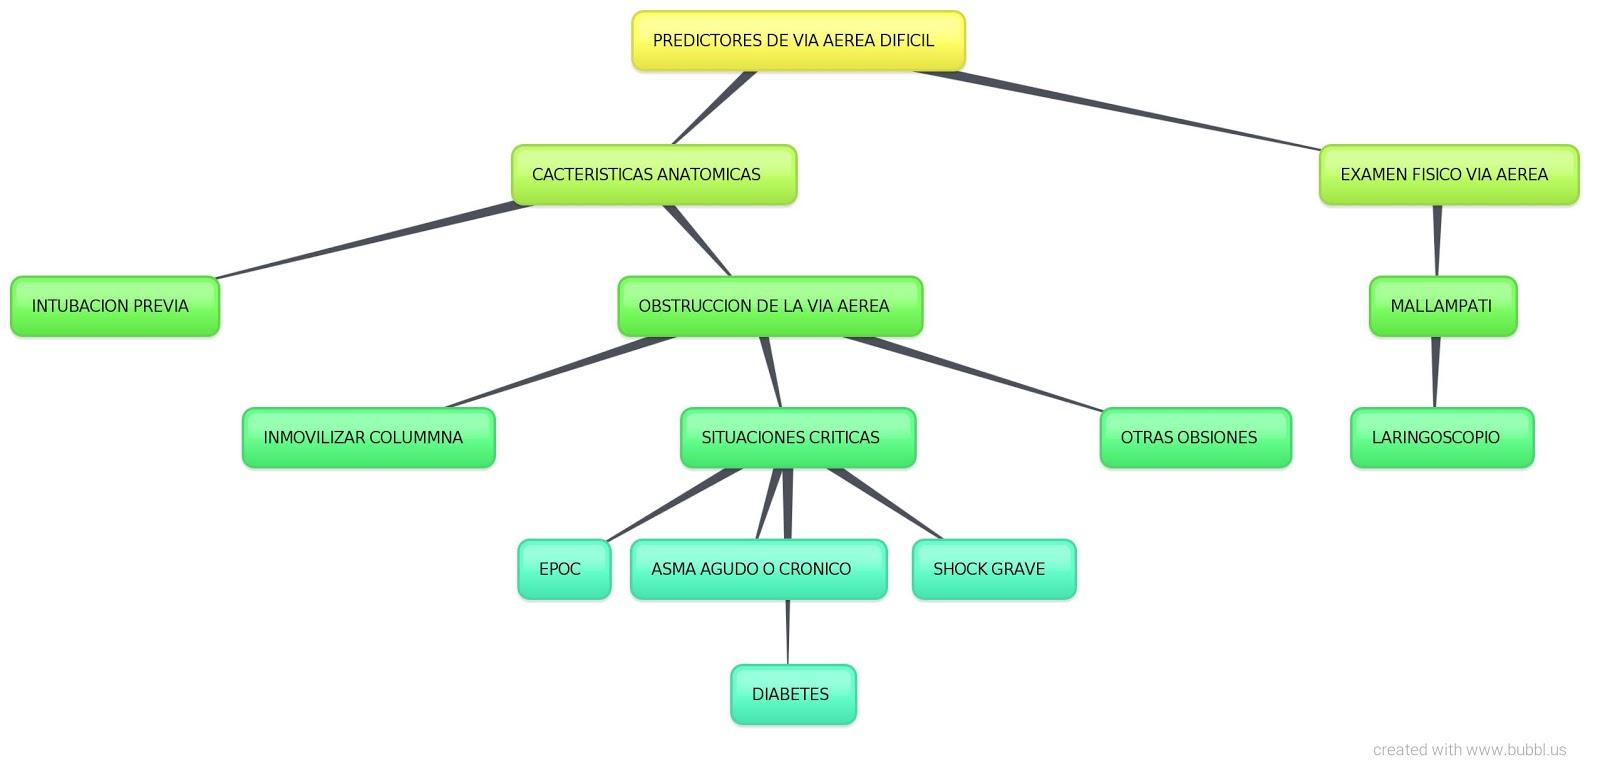 VIA AEREA DIFICIL EN ANESTESIA: MAPA CONCEPTUAL PREDICTORES VIA ...